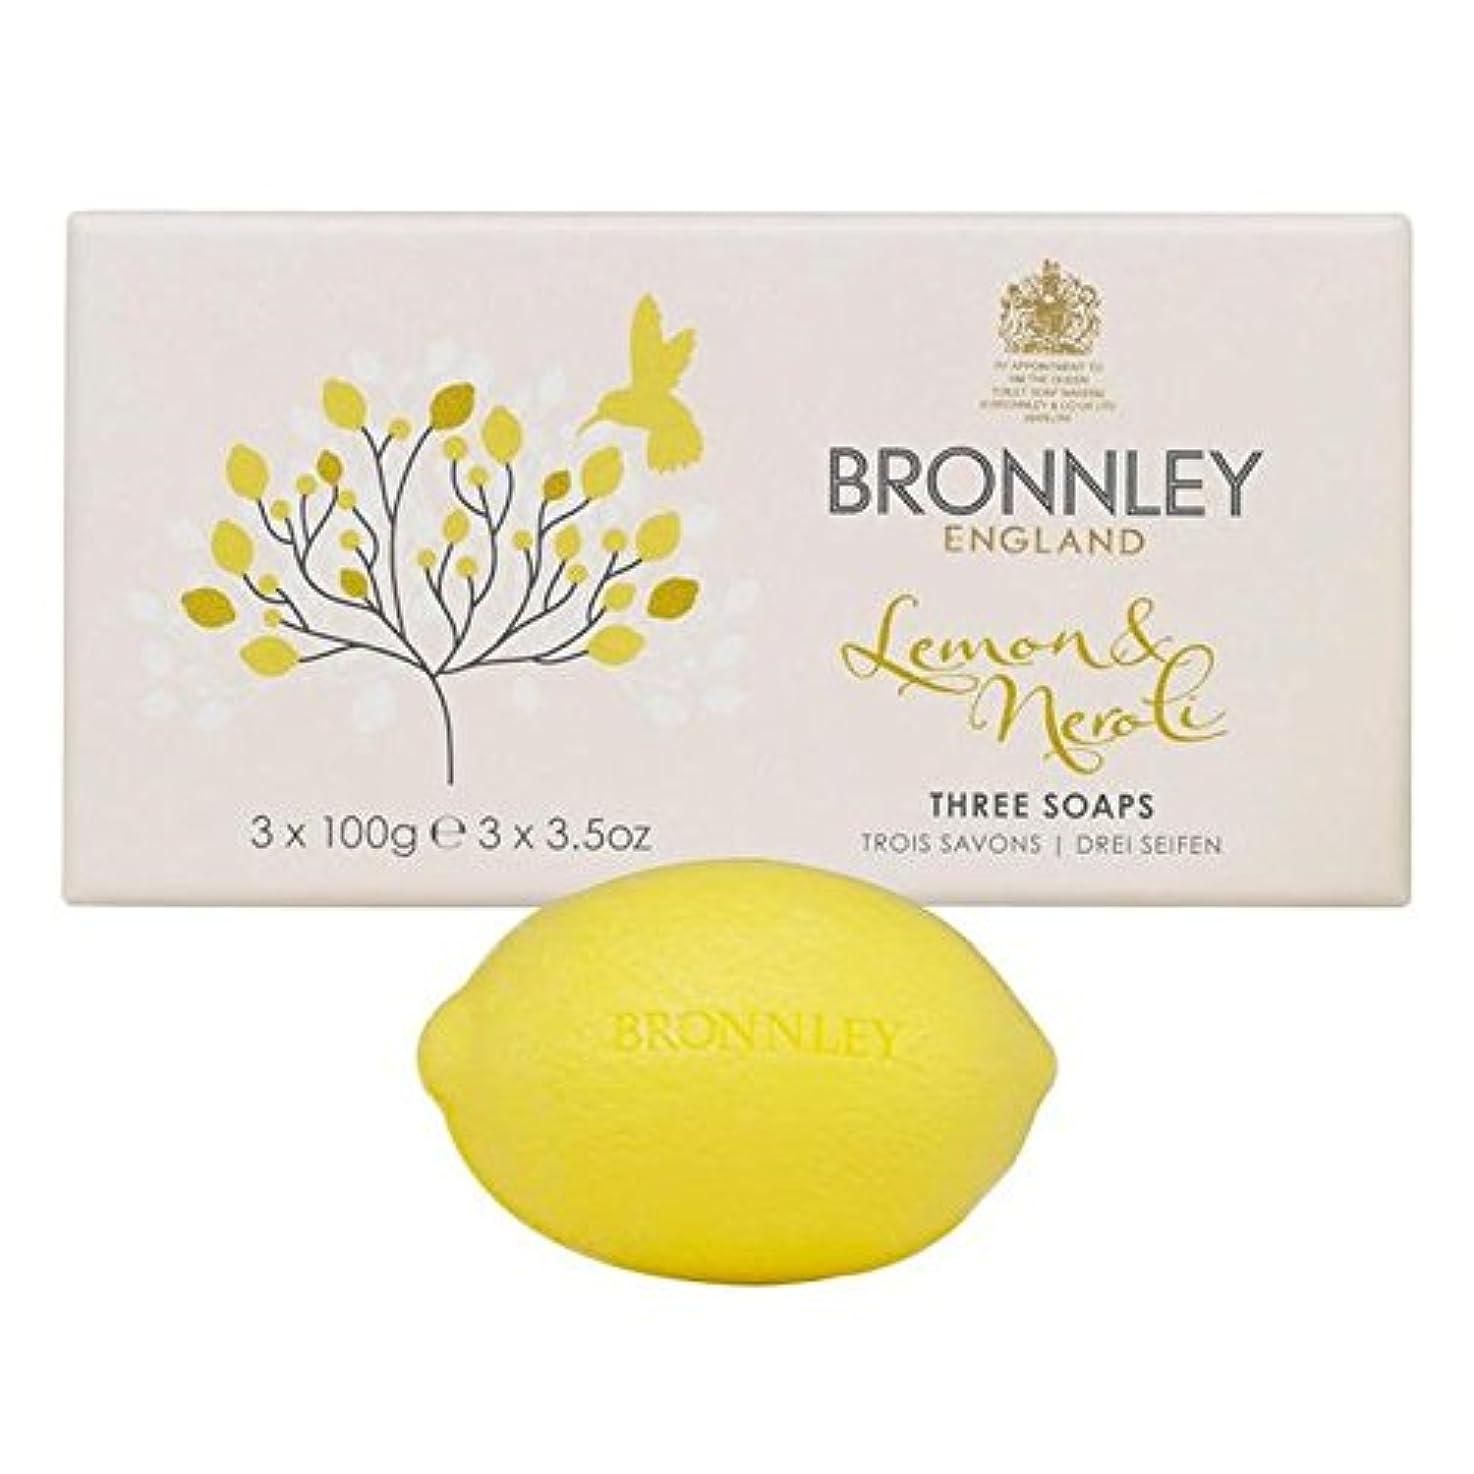 ダーリン埋め込む経済Bronnley Lemon & Neroli Soaps 3 x 100g - レモン&ネロリ石鹸3×100グラム [並行輸入品]